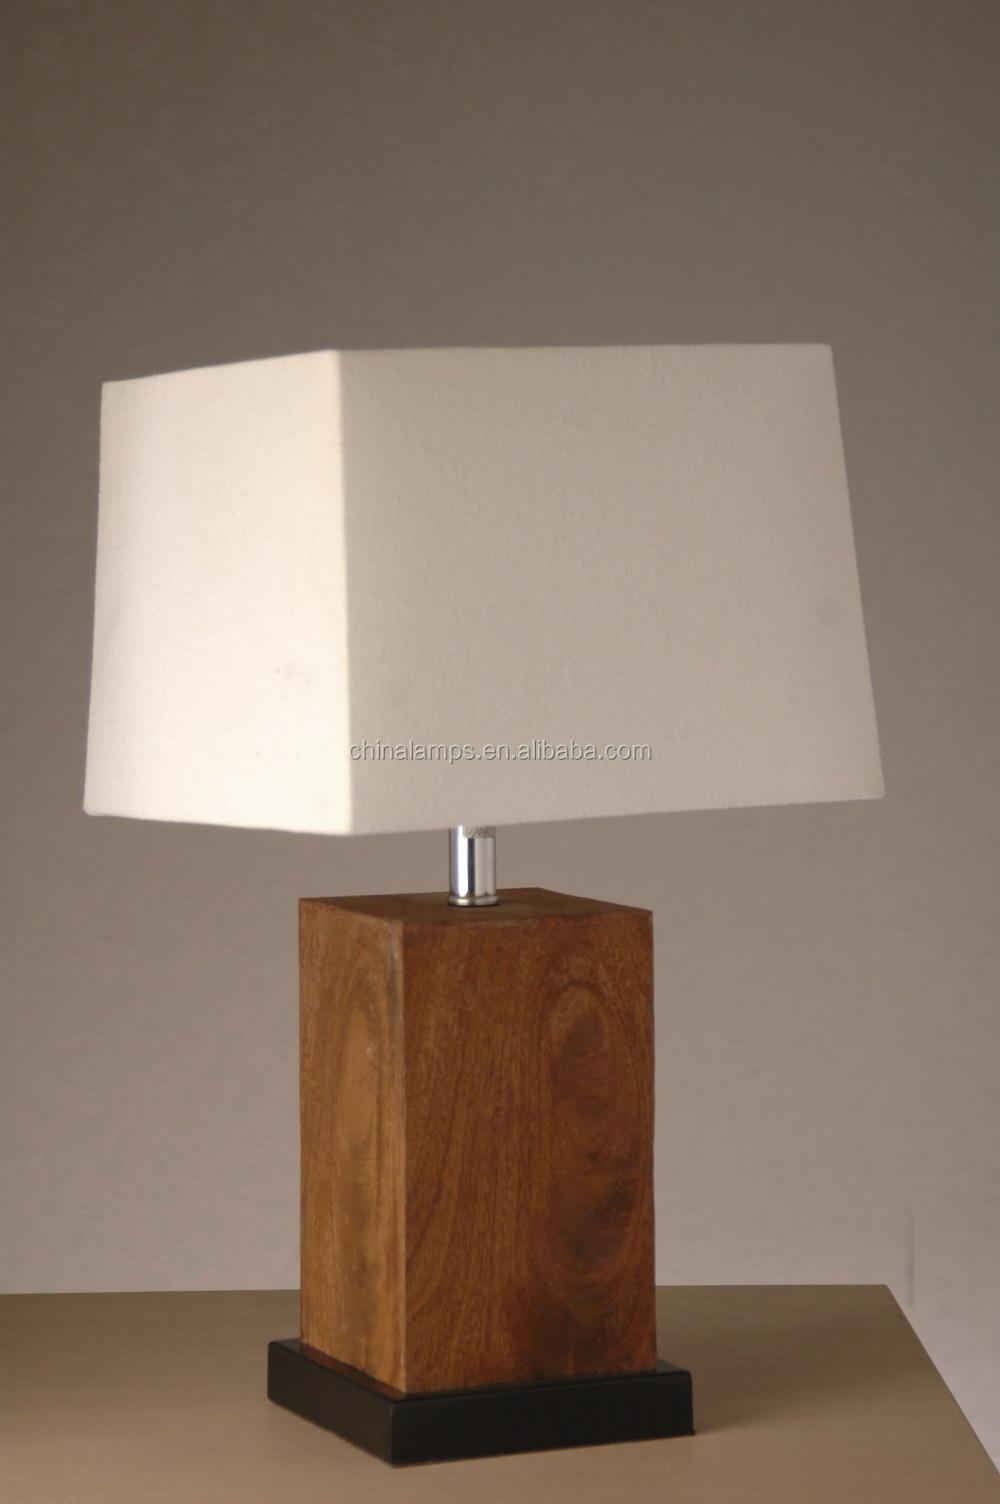 Antieke houten nachtkastje lampen lamp met lampenkap voor herberg ...